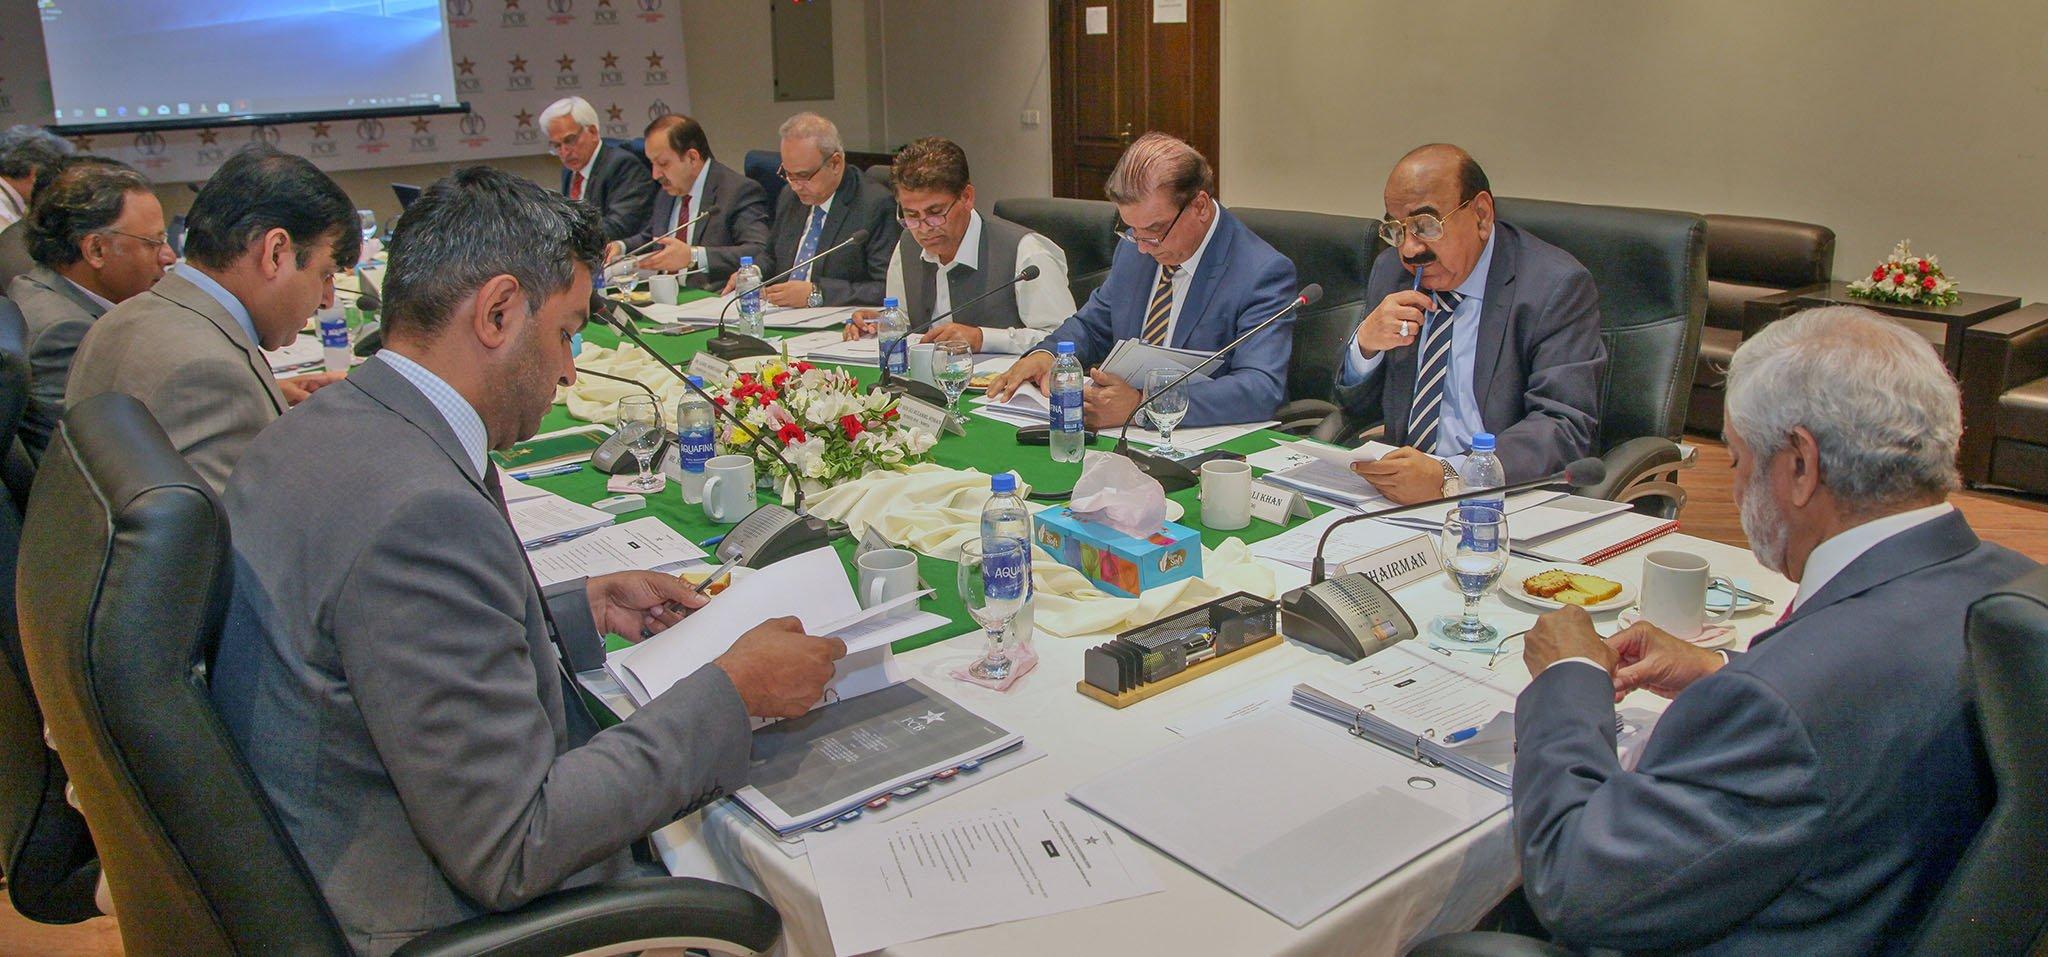 پی سی بی گورننگ بورڈ اجلاس میں بجٹ منظور نہ ہو سکا